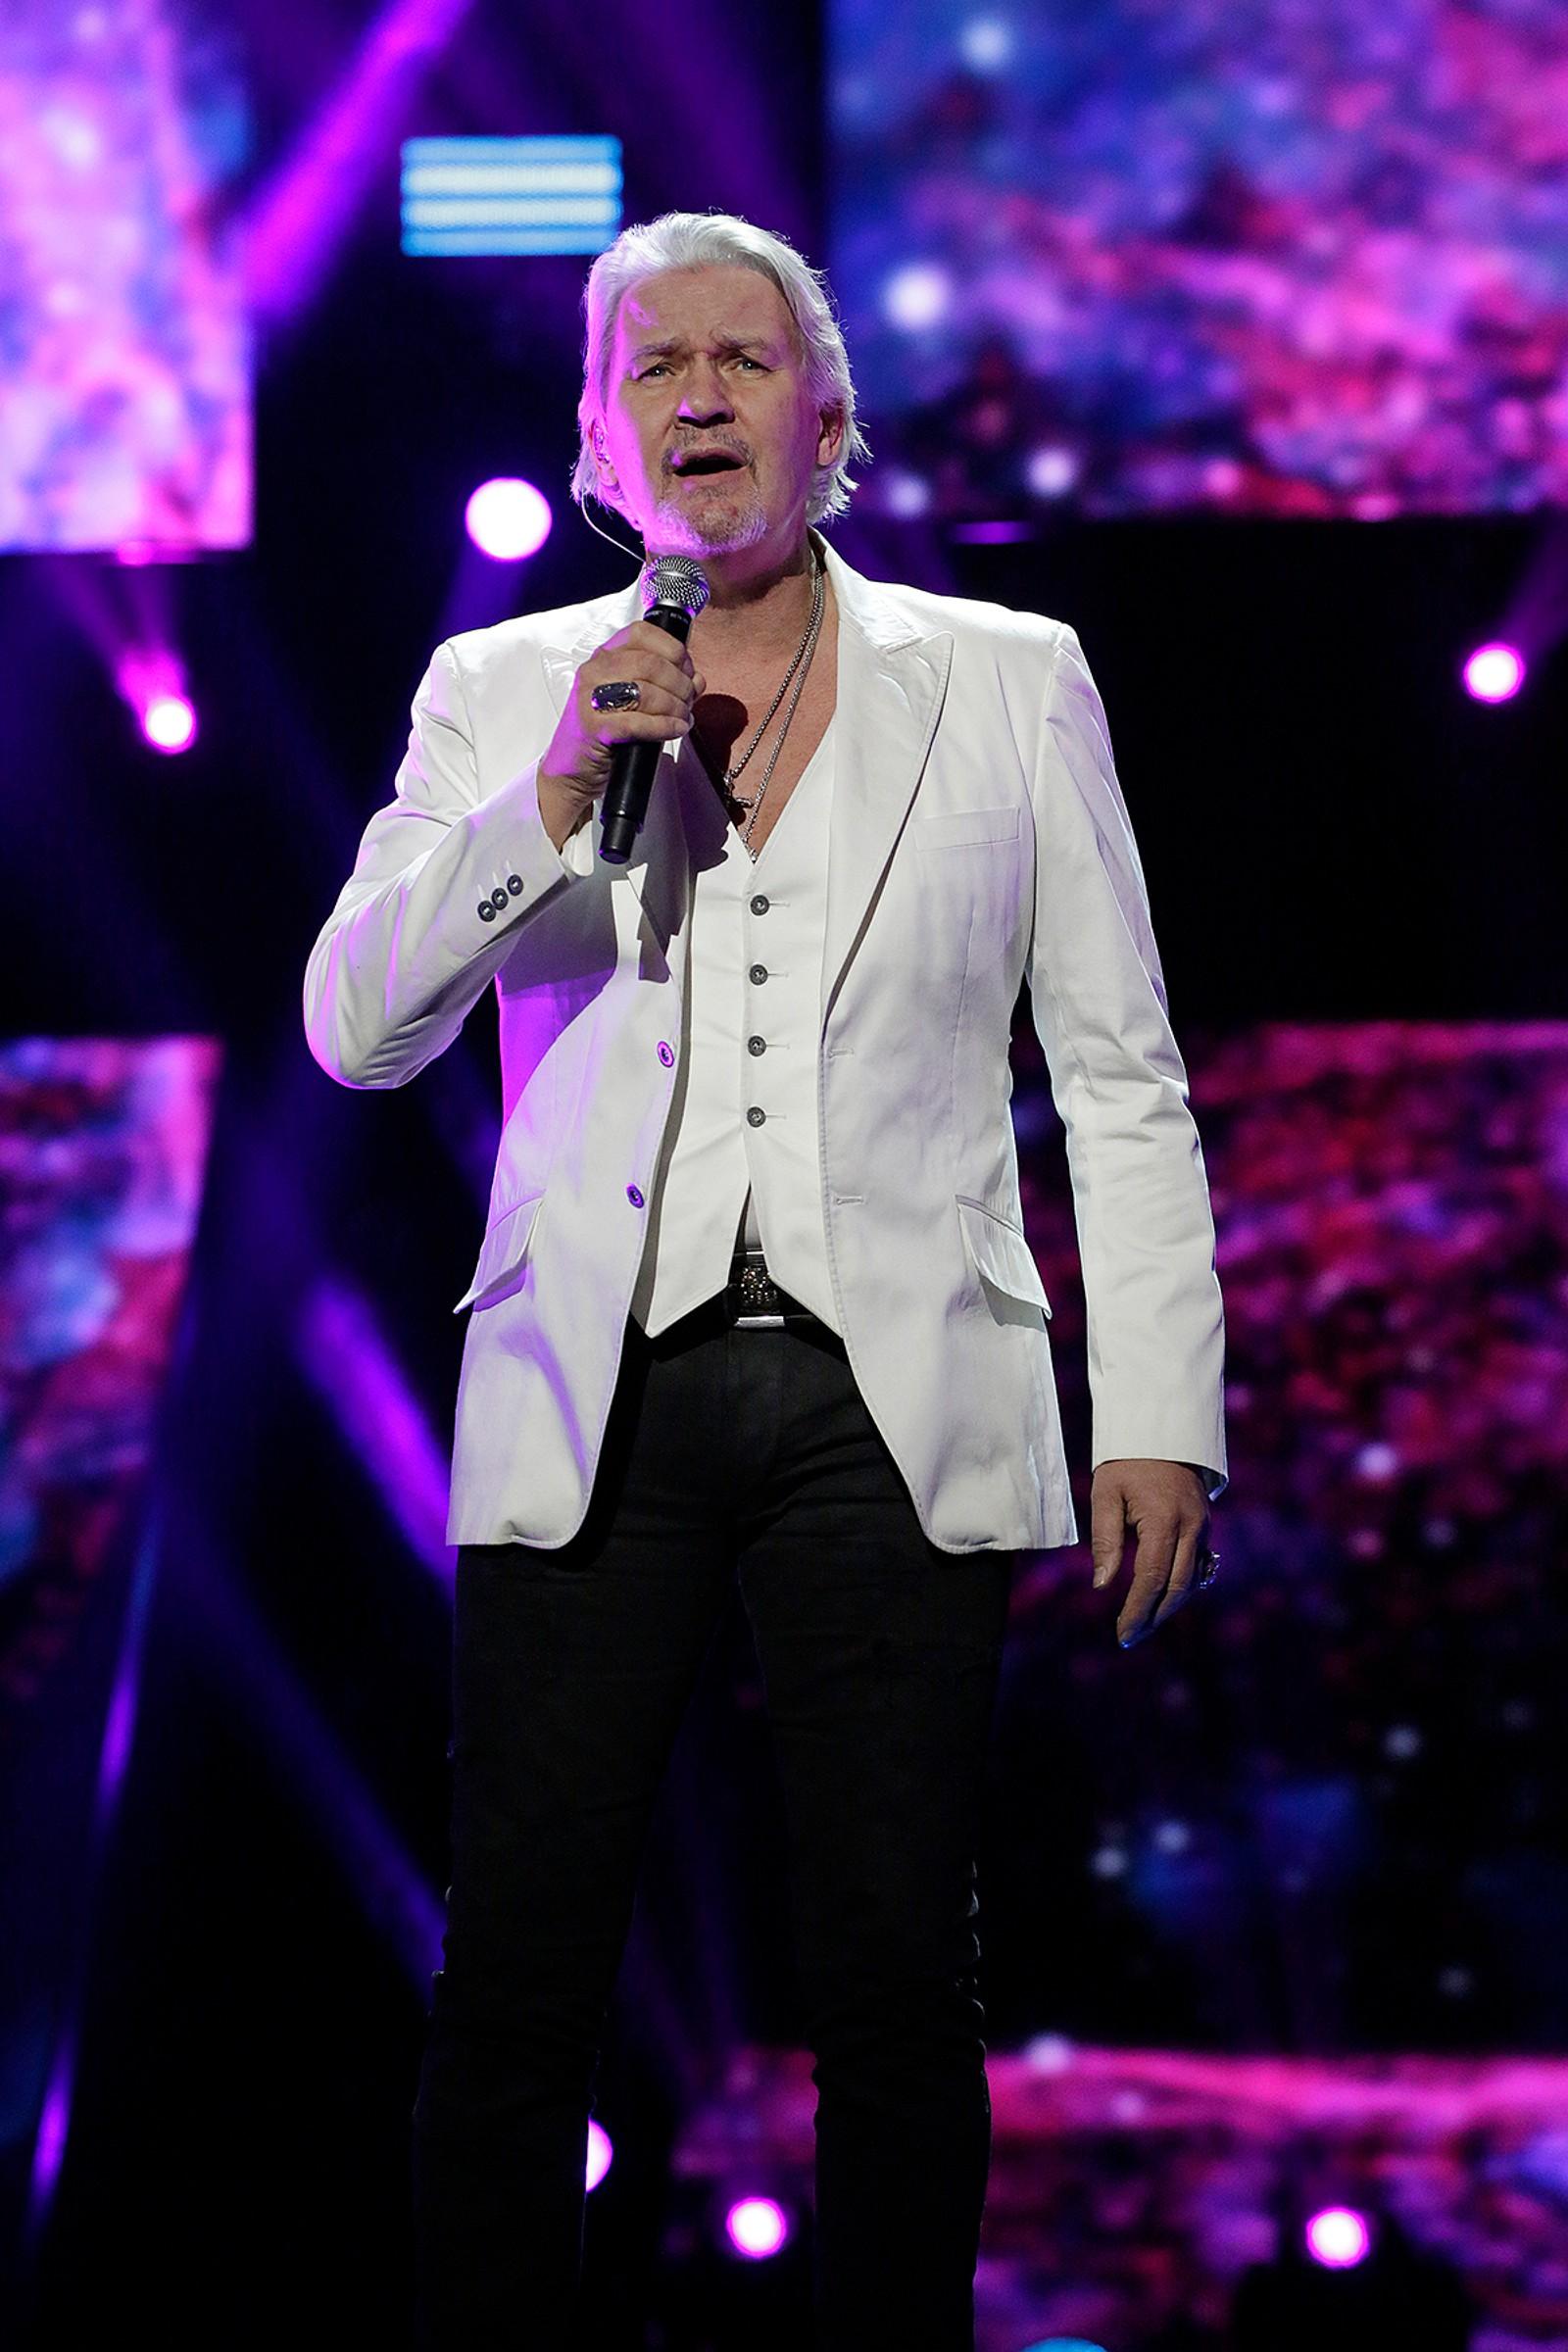 Til publikums store overraskelse, dukket Johnny Logan opp for å feire sitt 30 års-jubileum for sin andre ESC-seier.